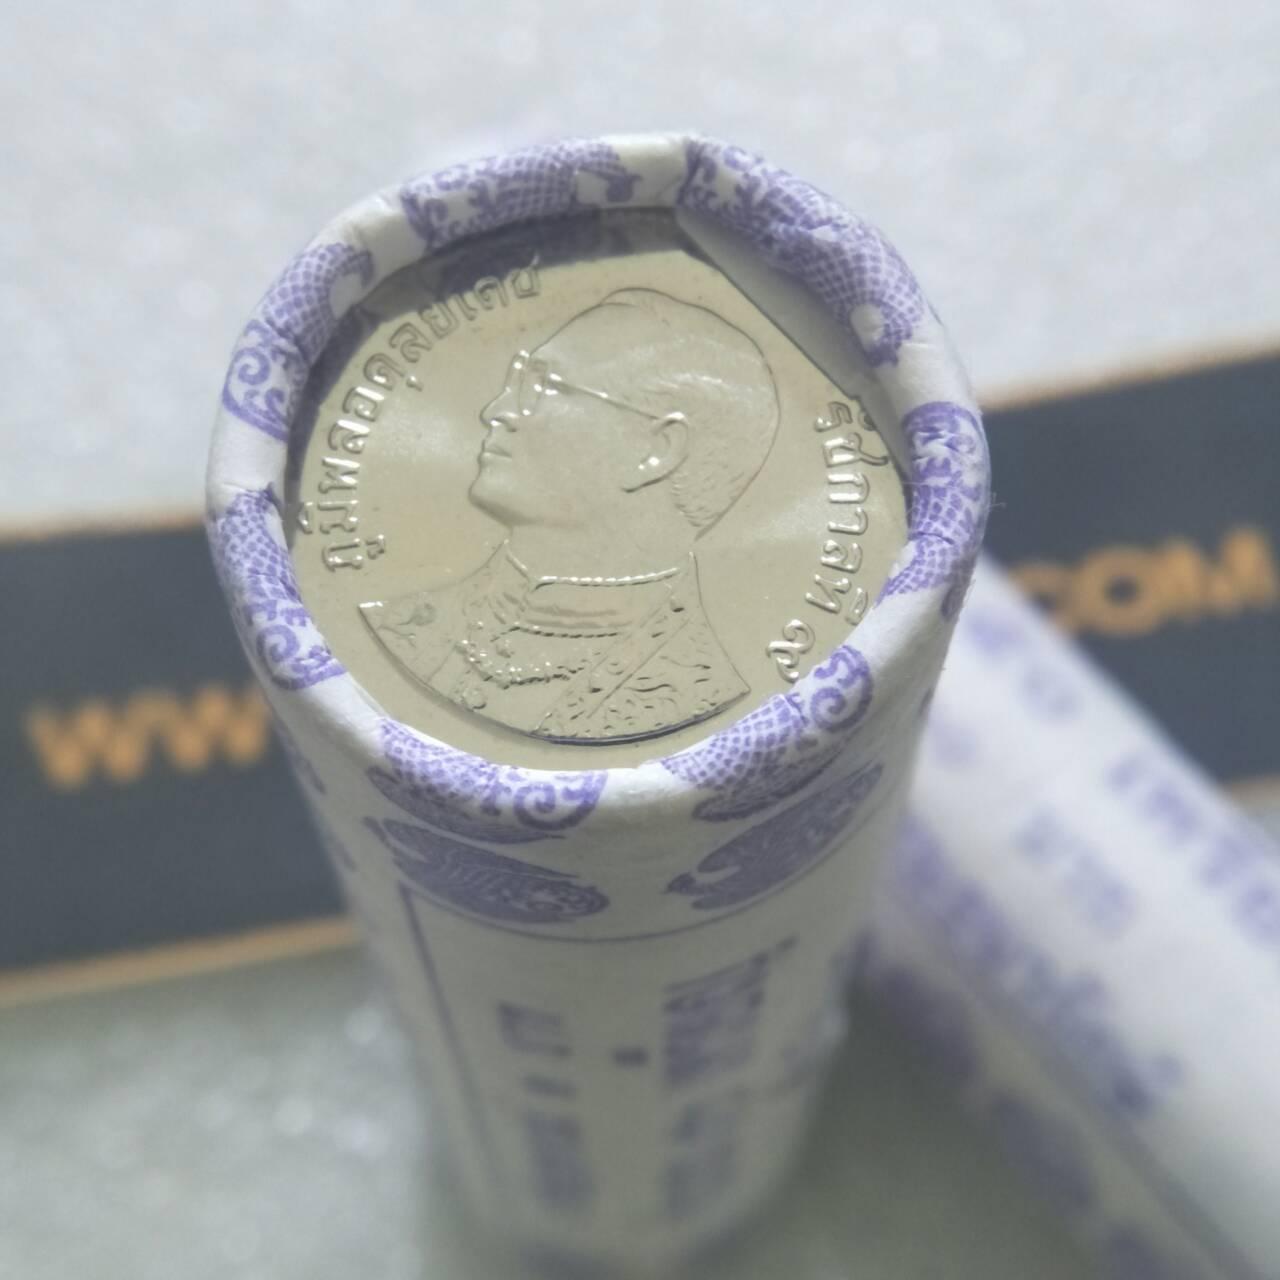 เหรียญ 2 บาท 2548 UNC (แบบหลอด)